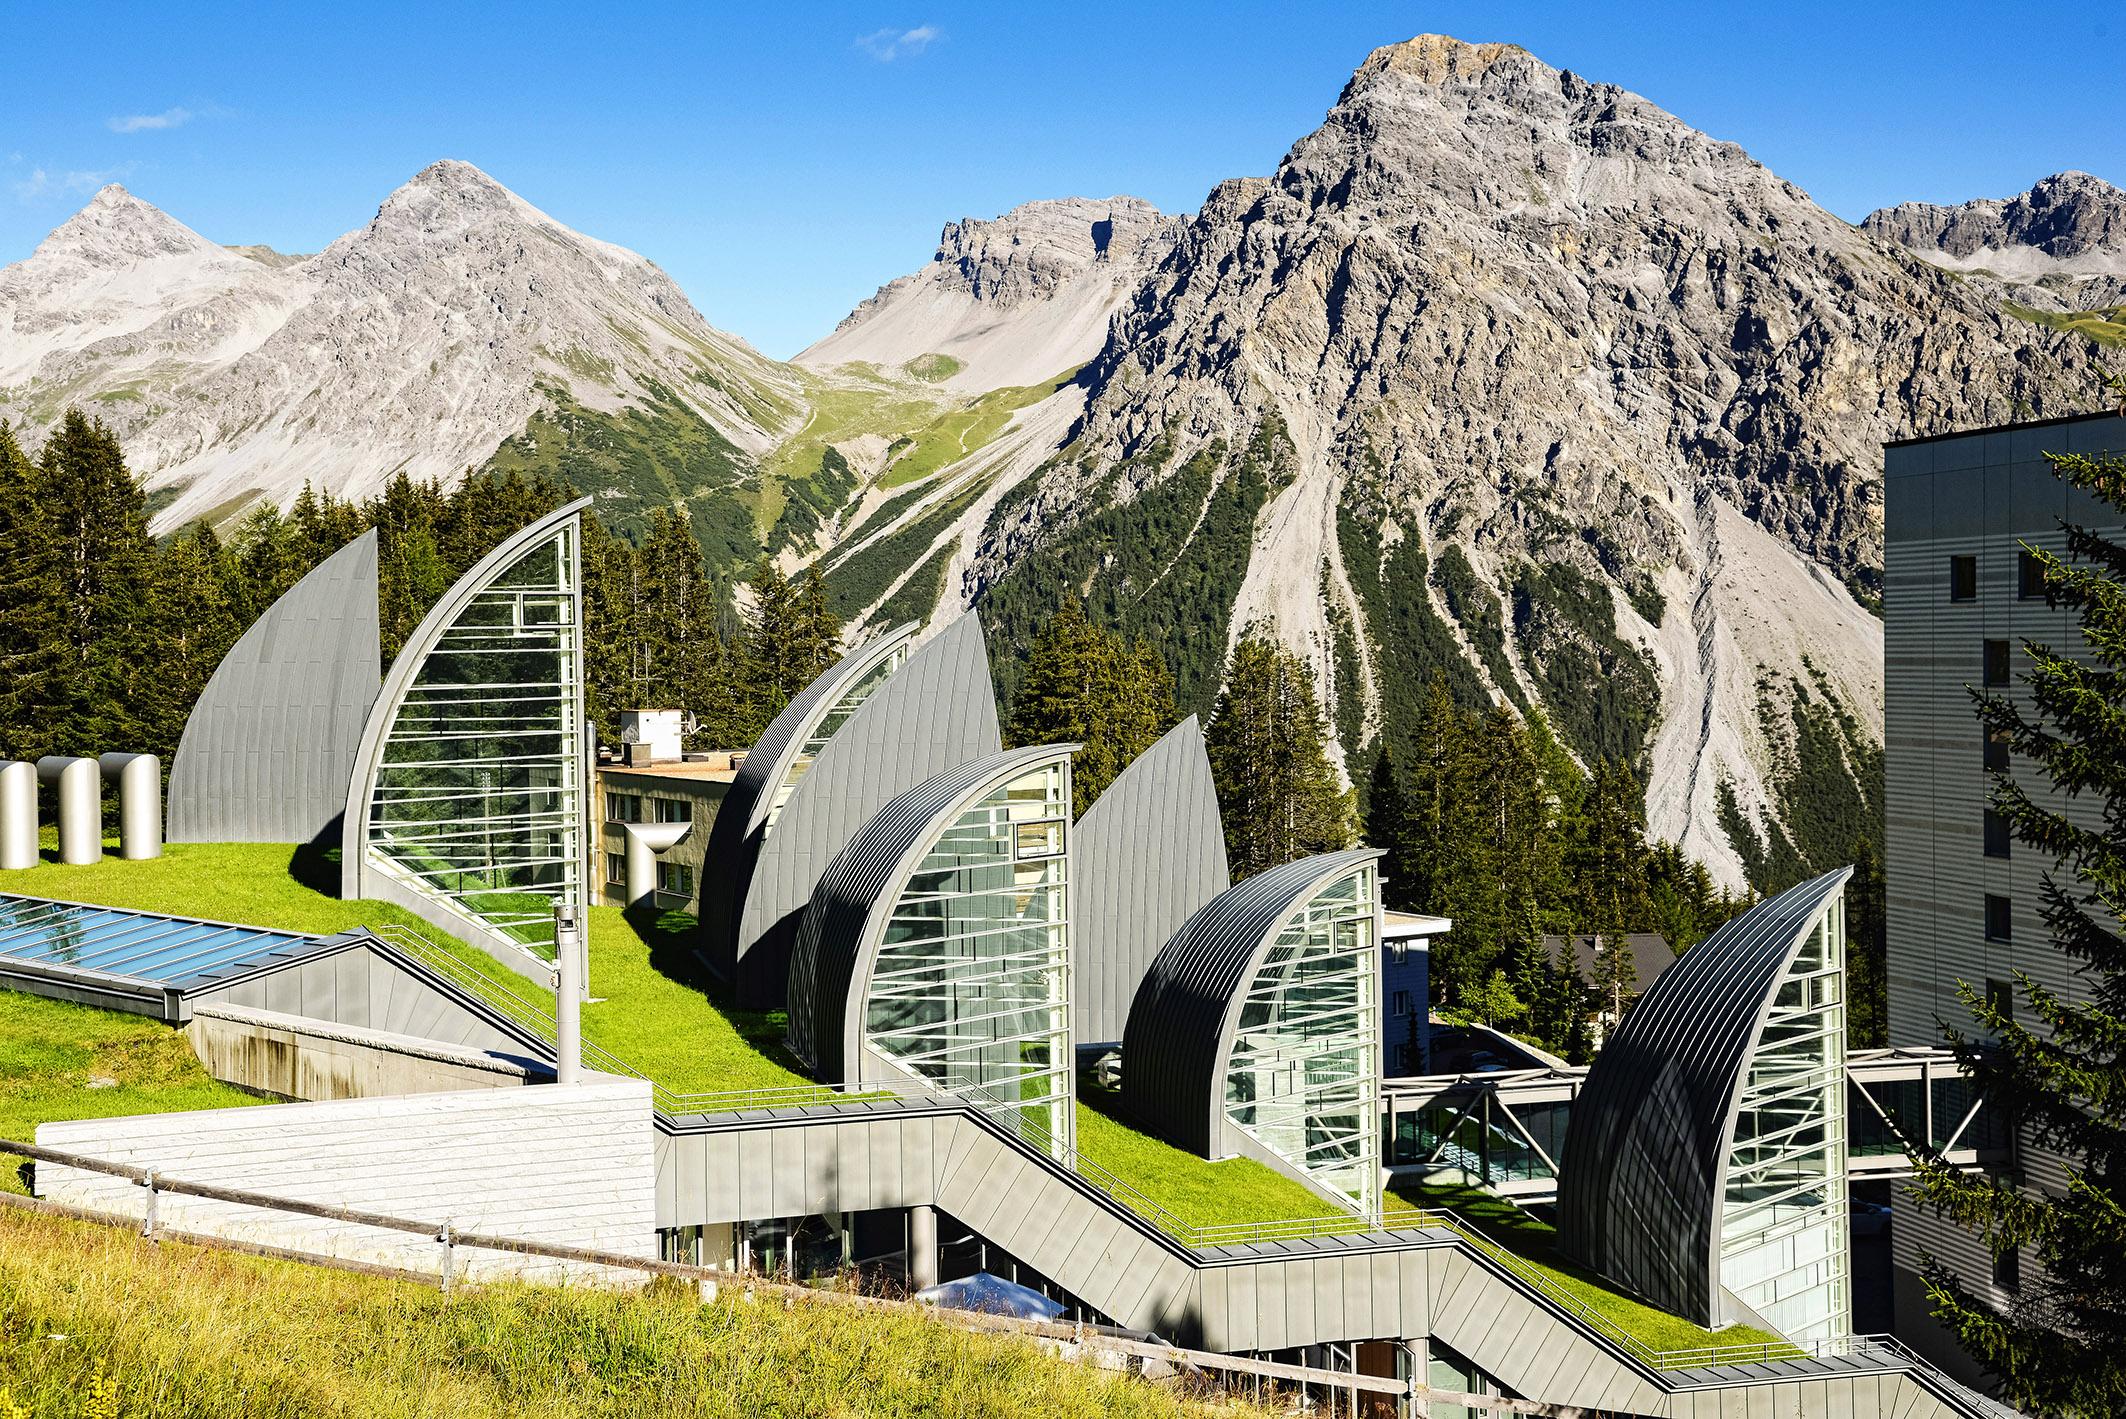 """On assignment for """"abenteuer und reisen"""" in Switzerland"""